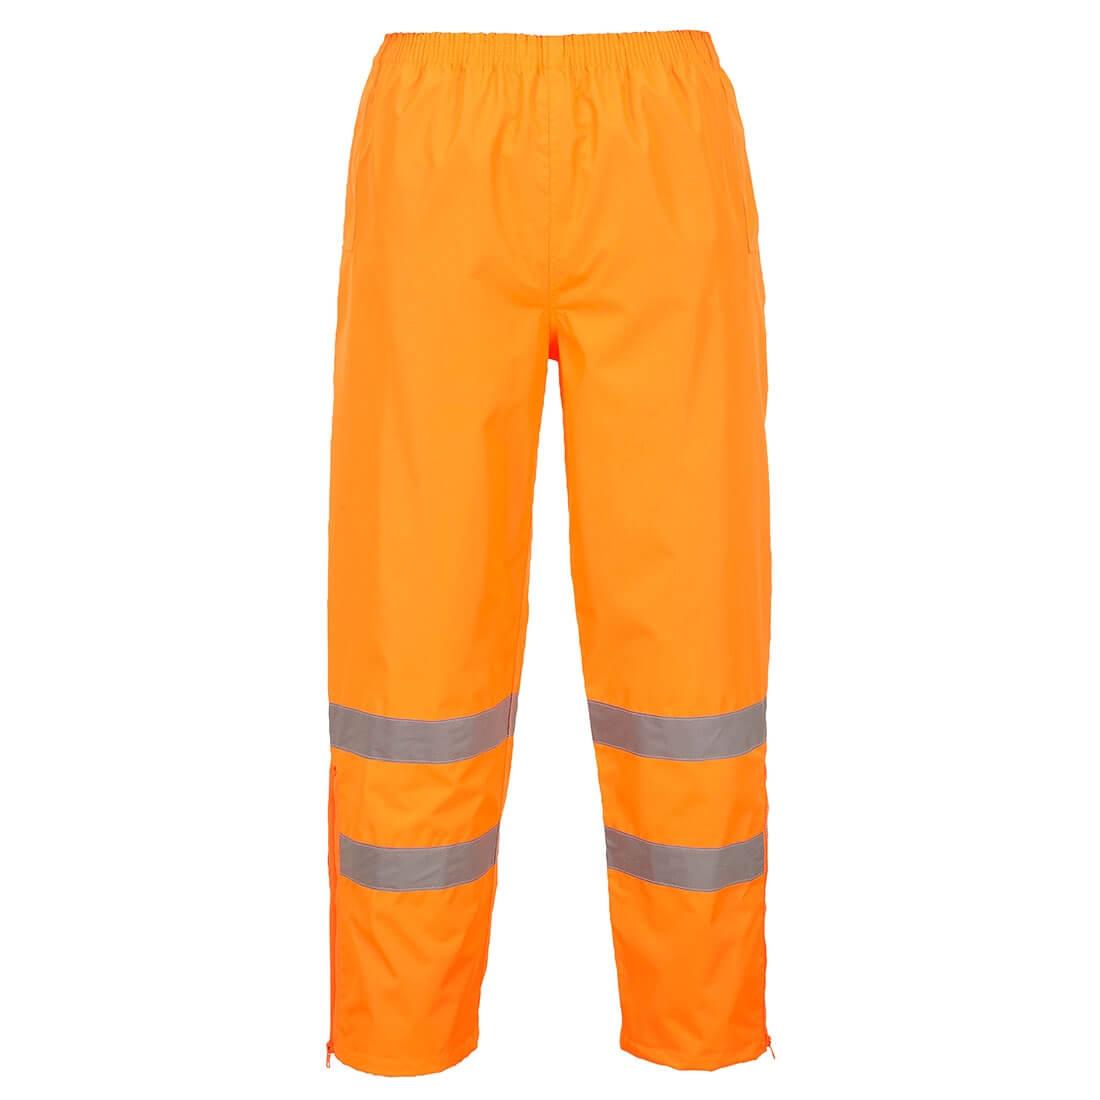 Pantalon Respirabil HiVis - Imbracaminte de protectie